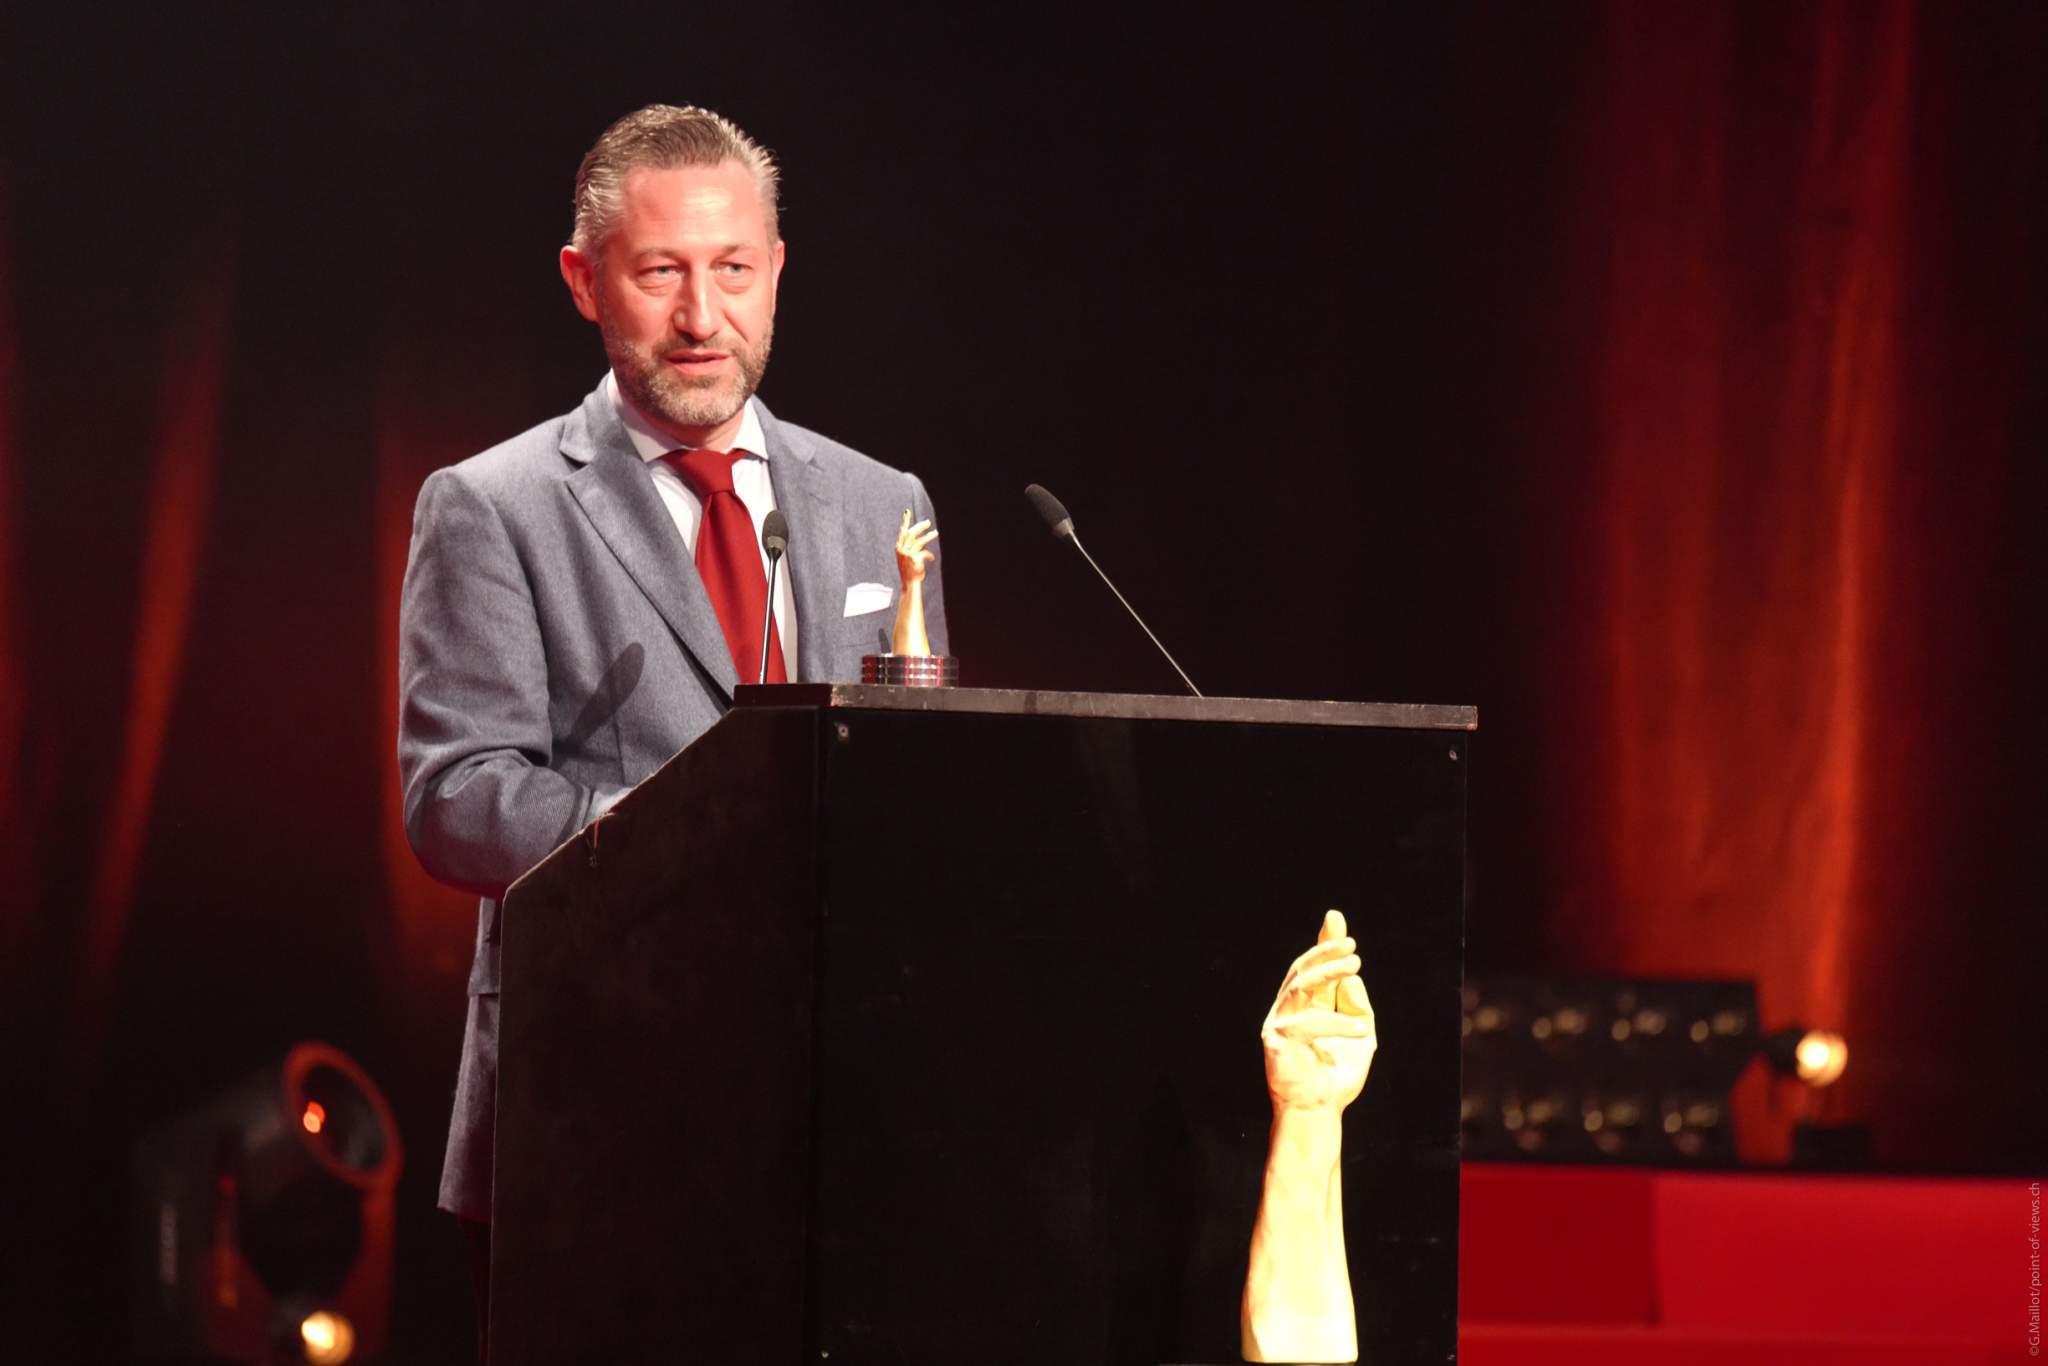 Aurel Bacs, Président du jury